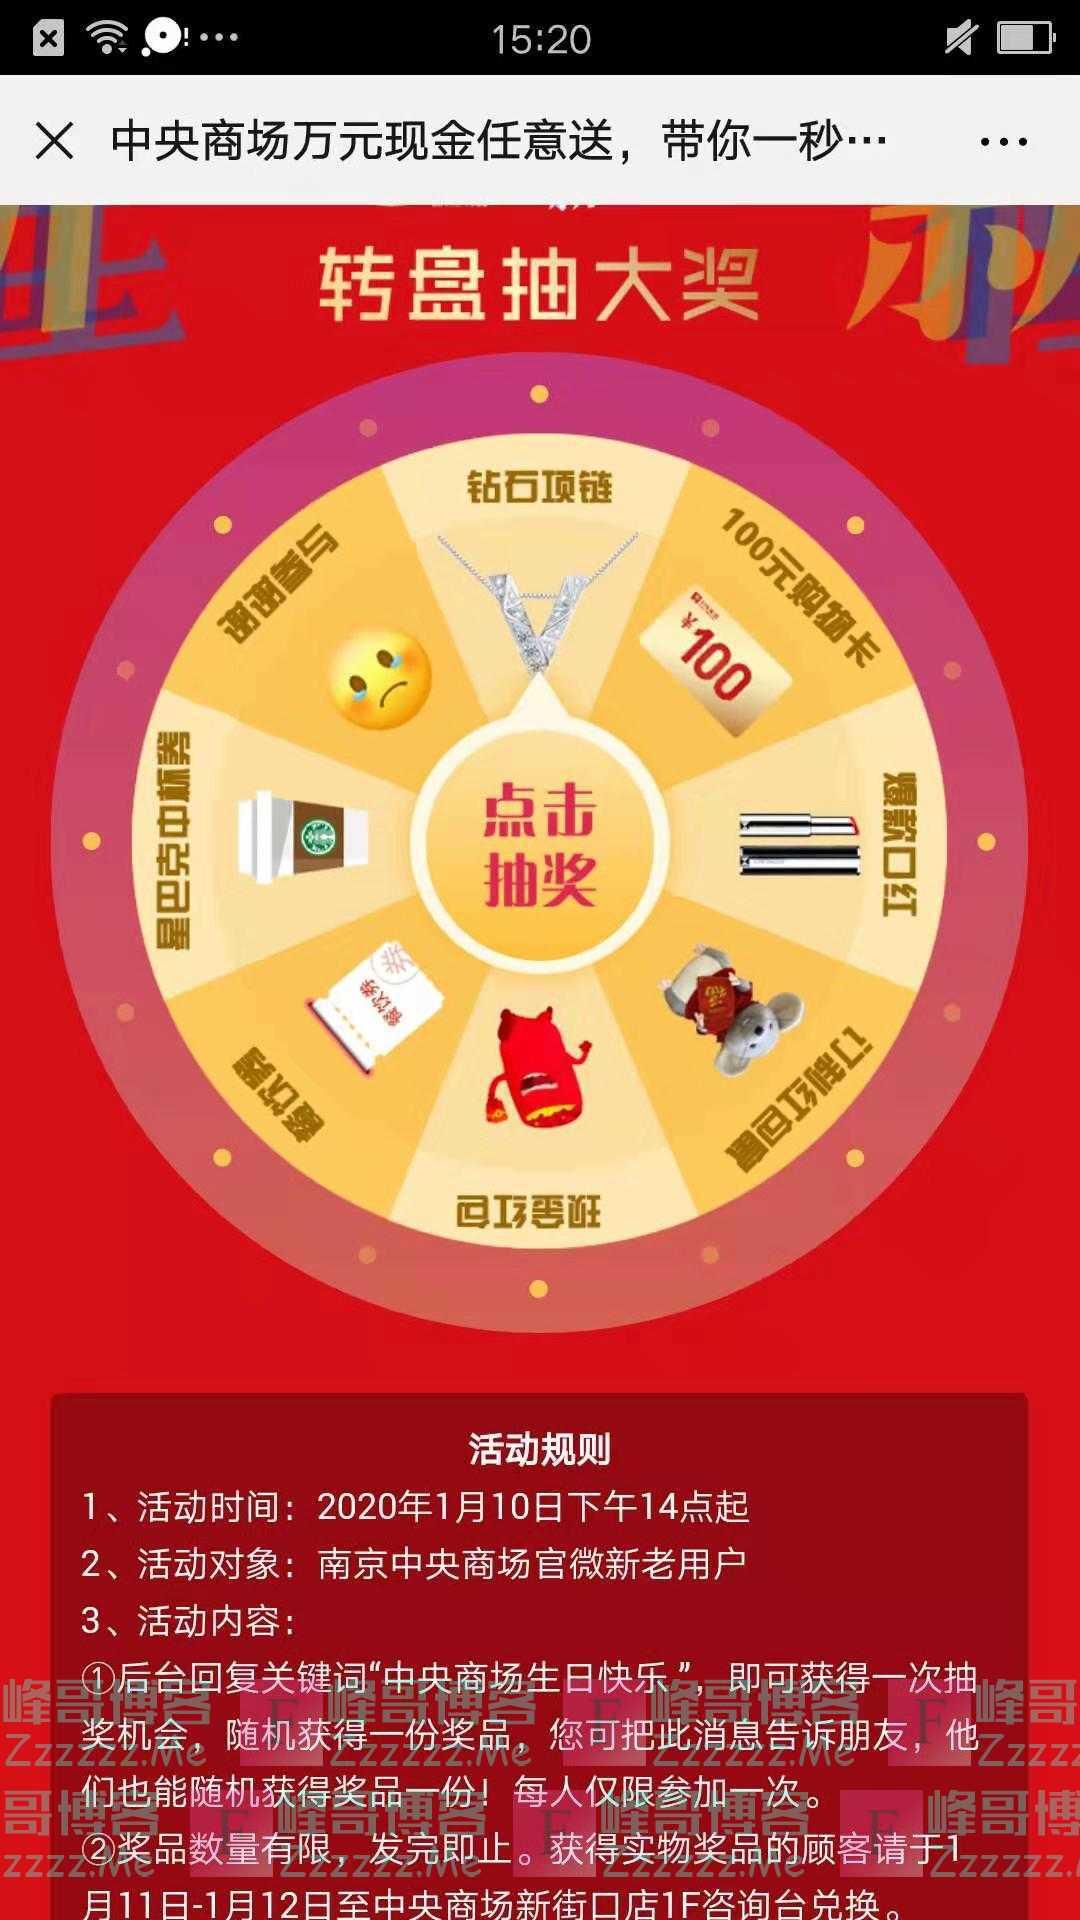 南京中央商场新街口店转盘抽大奖(截止不详)